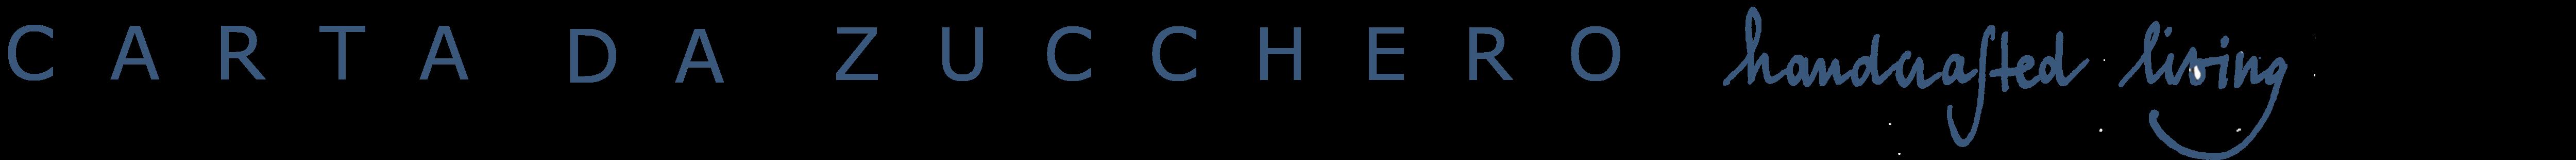 CdZ logo